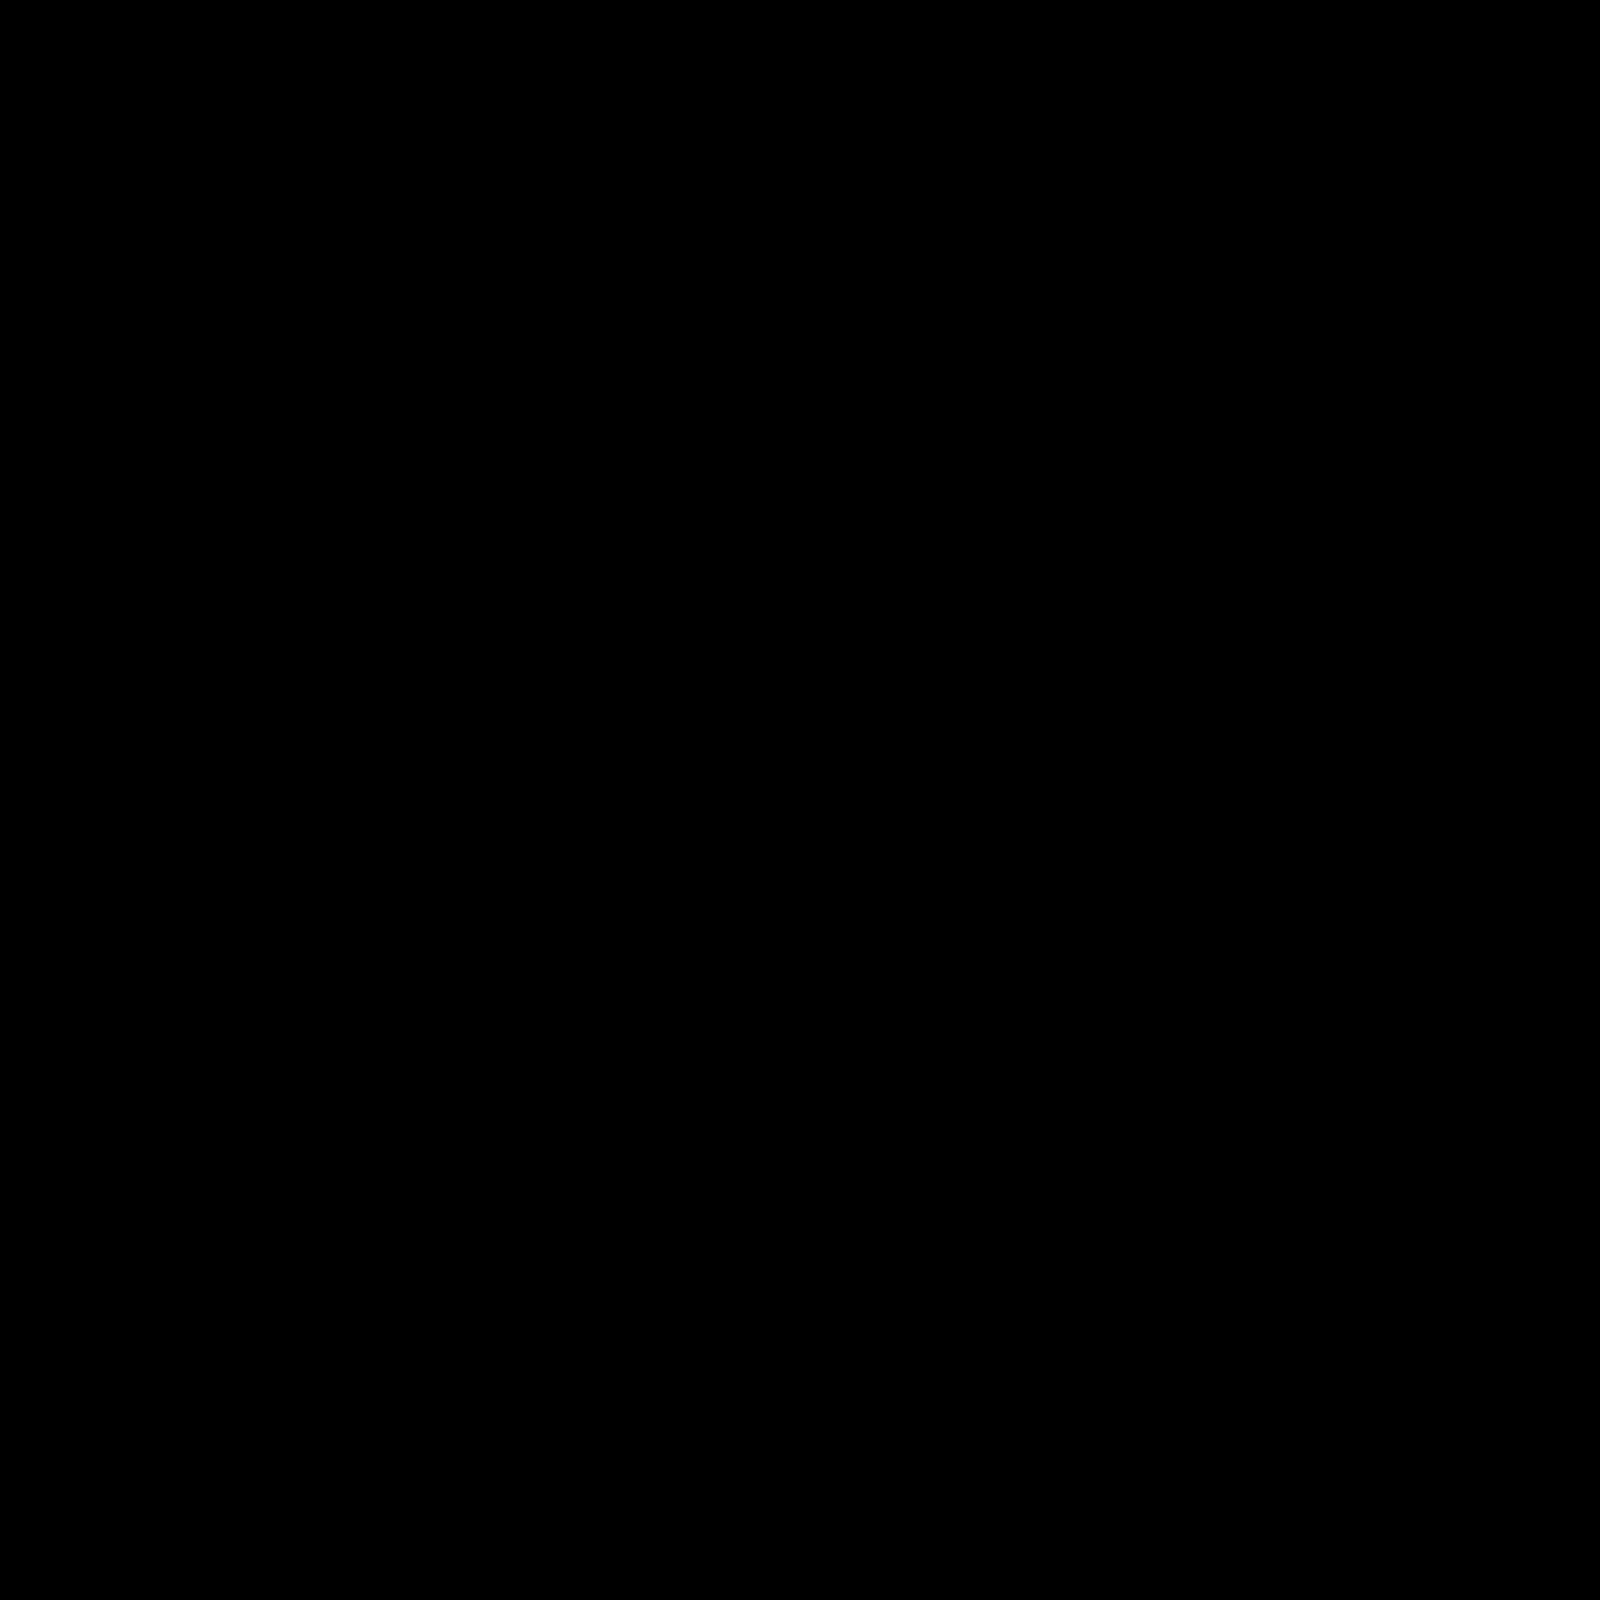 instagram-icon-vector-27